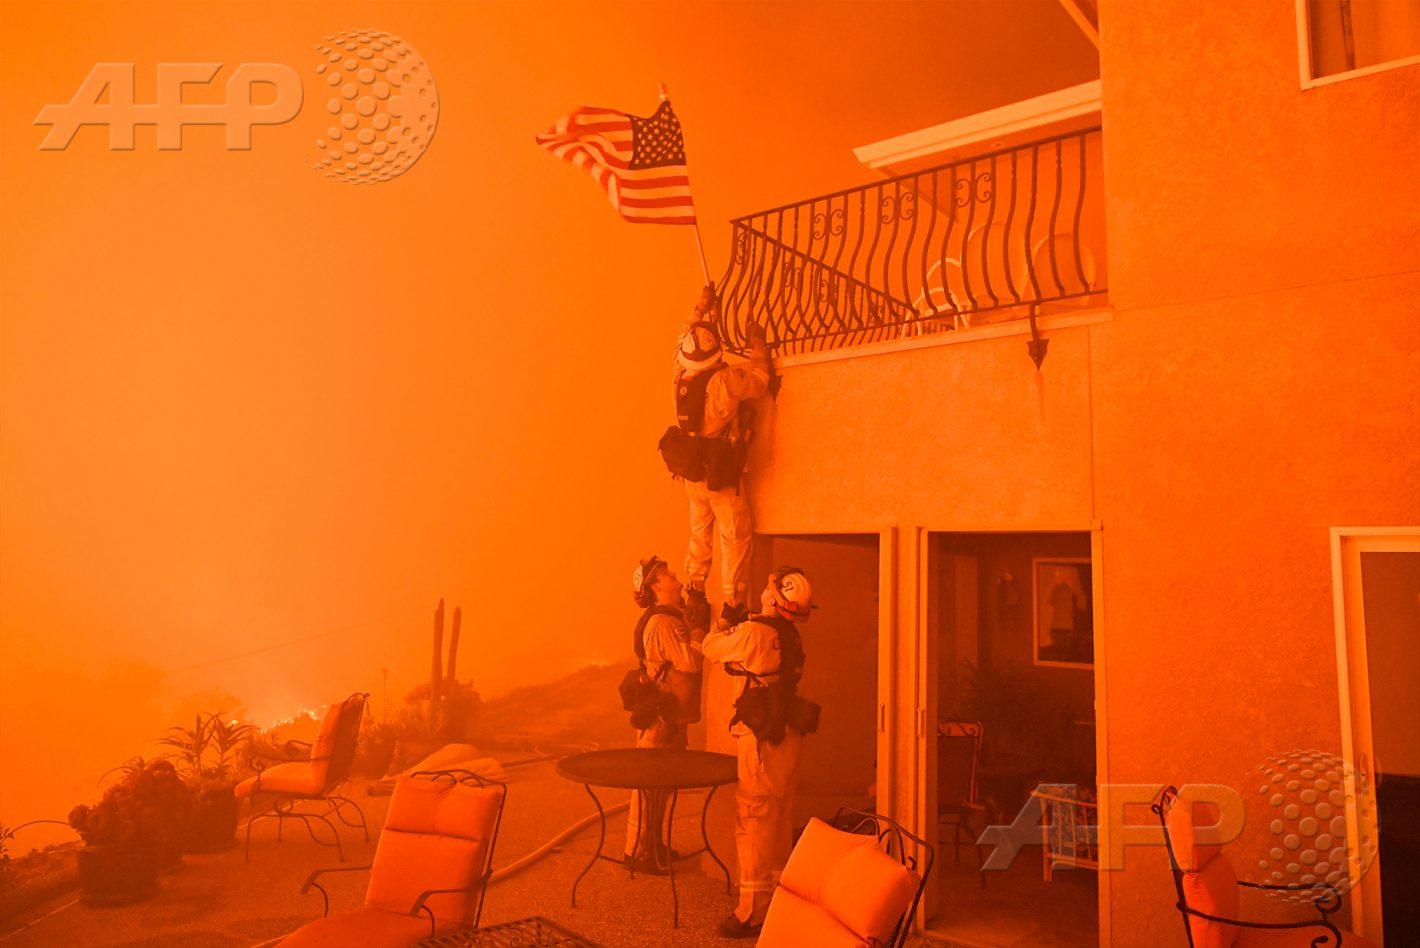 AFP 4 / ÉTATS-UNIS 8 juillet 2017 - Oroville, États-Unis - Des pompiers retirent un drapeau américain alors que des flammes du « mur de feu » se rapprochent d'une propriété. Les pompiers combattent plusieurs feux de forêt en Californie, qui a subi cinq longues années de sécheresse et qui connaît actuellement des températures particulièrement élevées. AFP / JOSH EDELSON